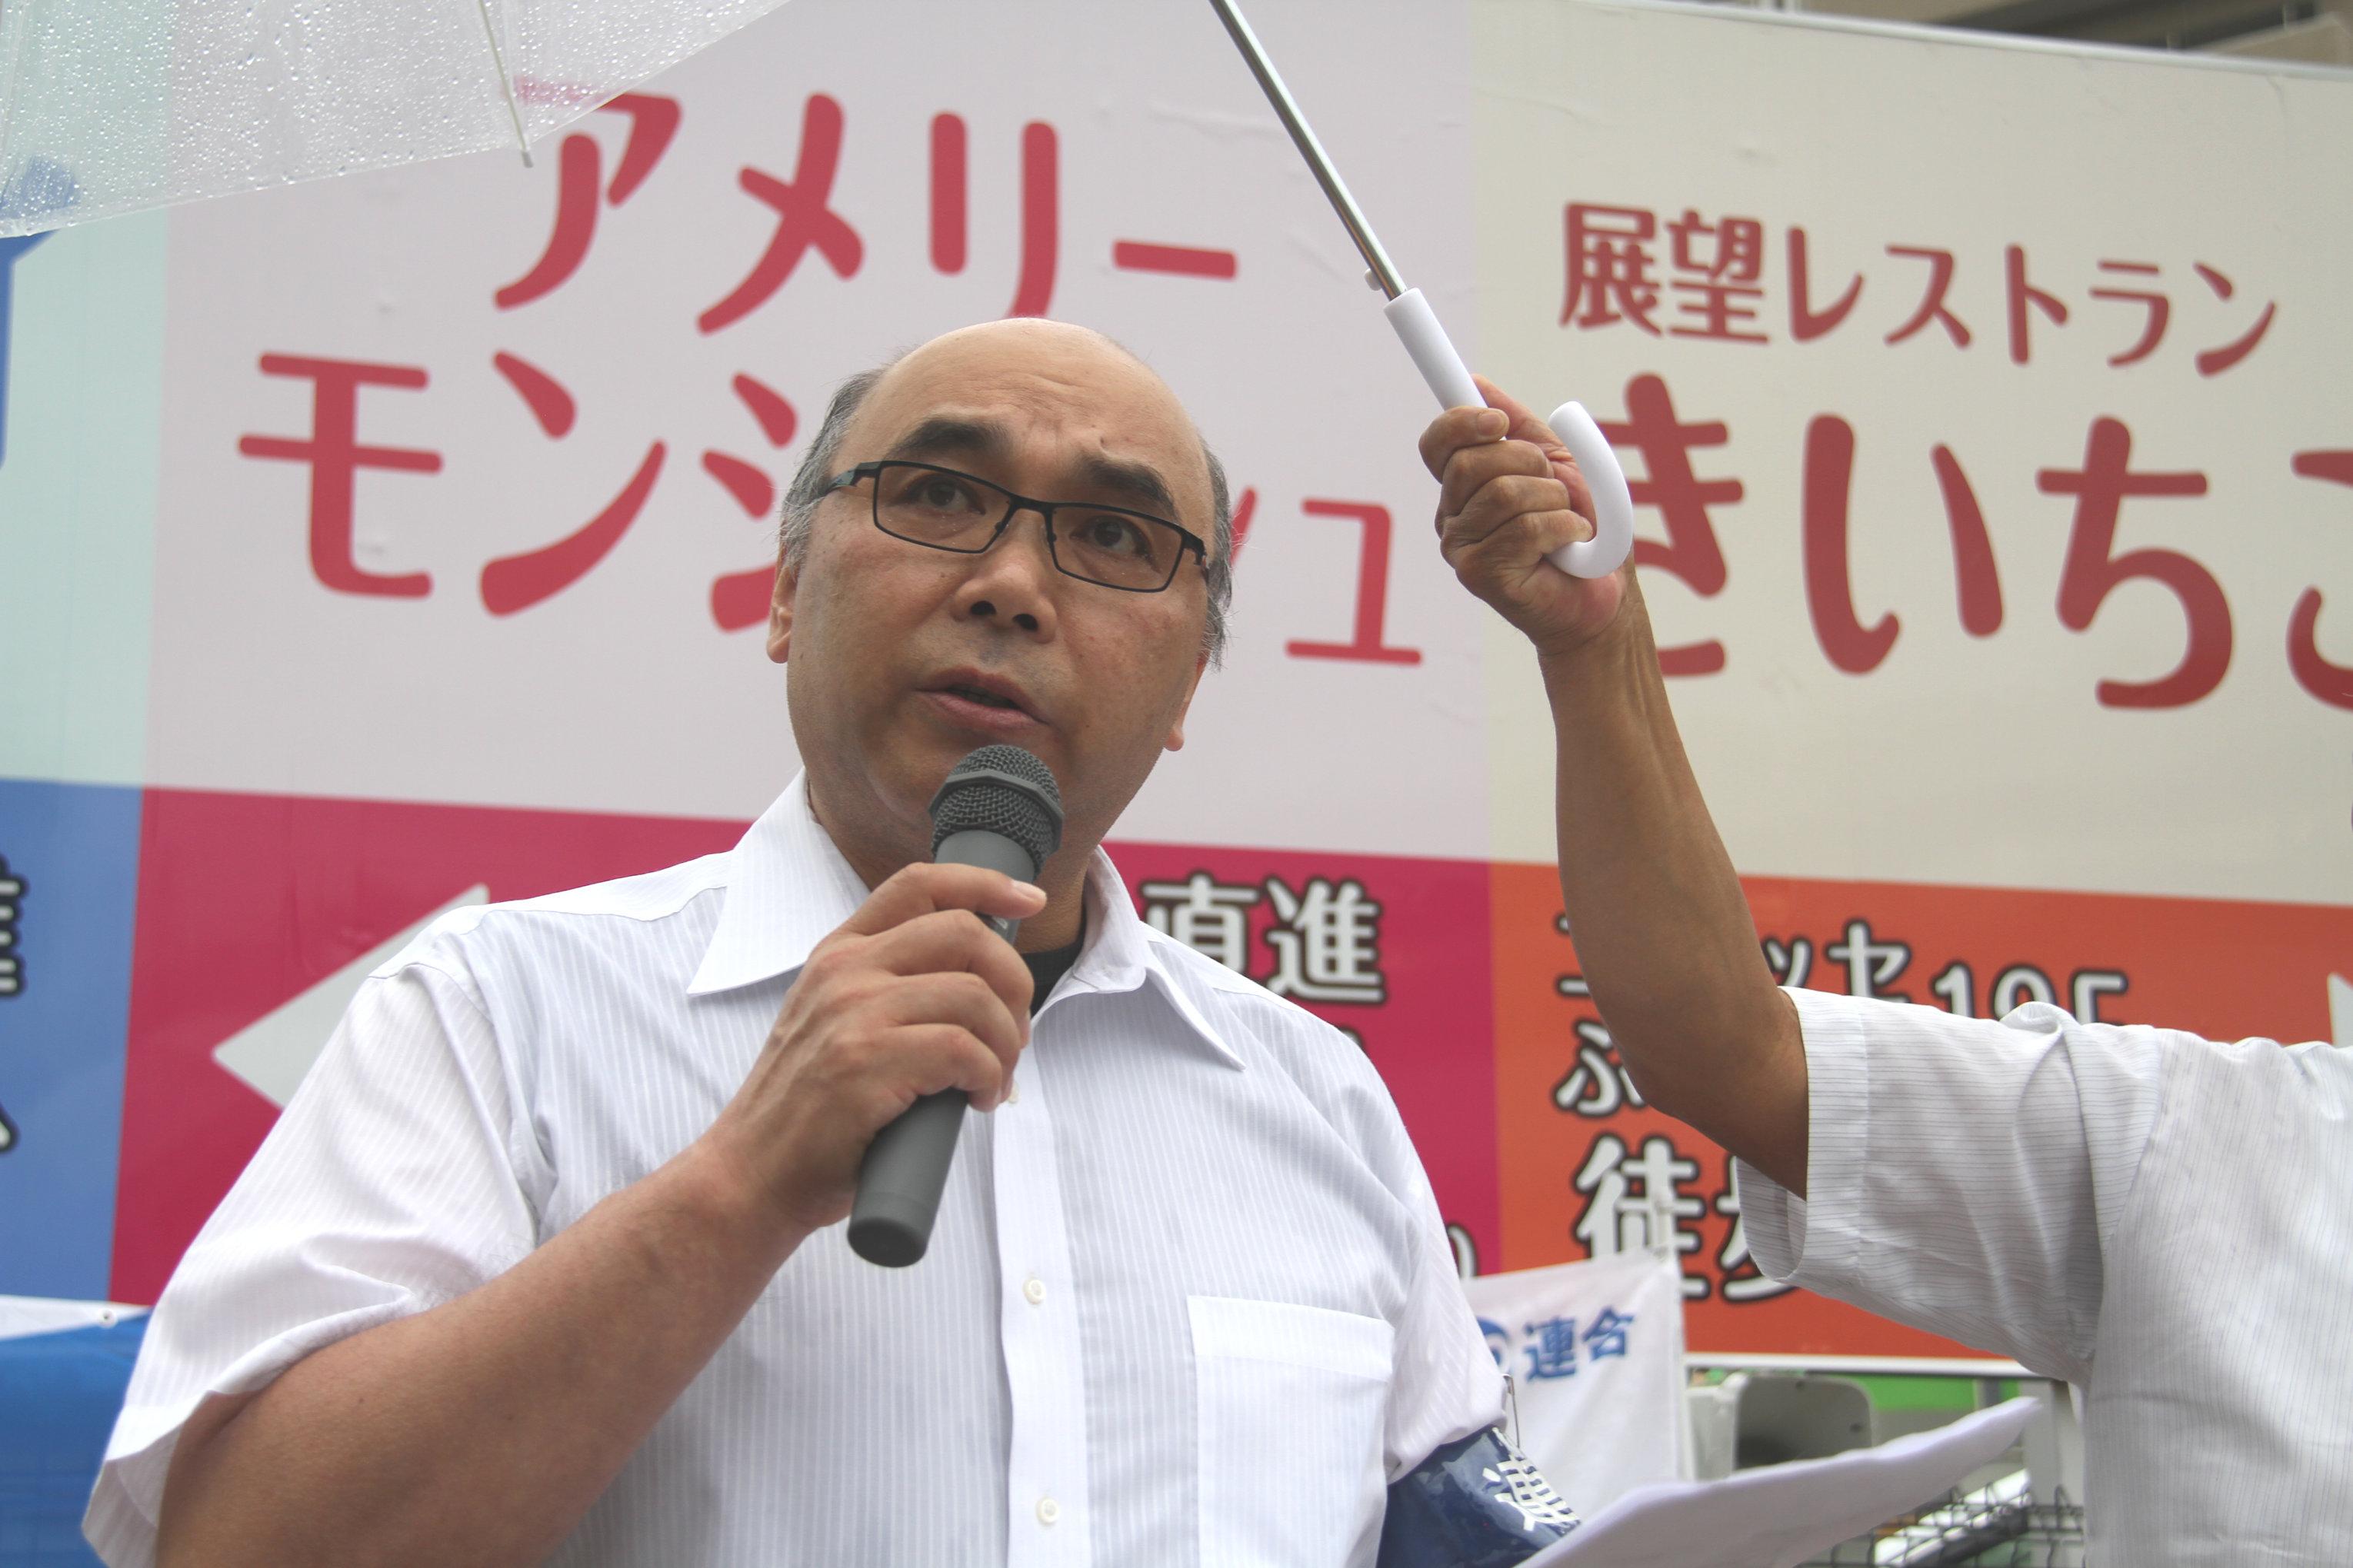 応援団の取り組み「働き方改革関連法をめぐる労働課題」を訴える 山田慎一 連合福島副会長